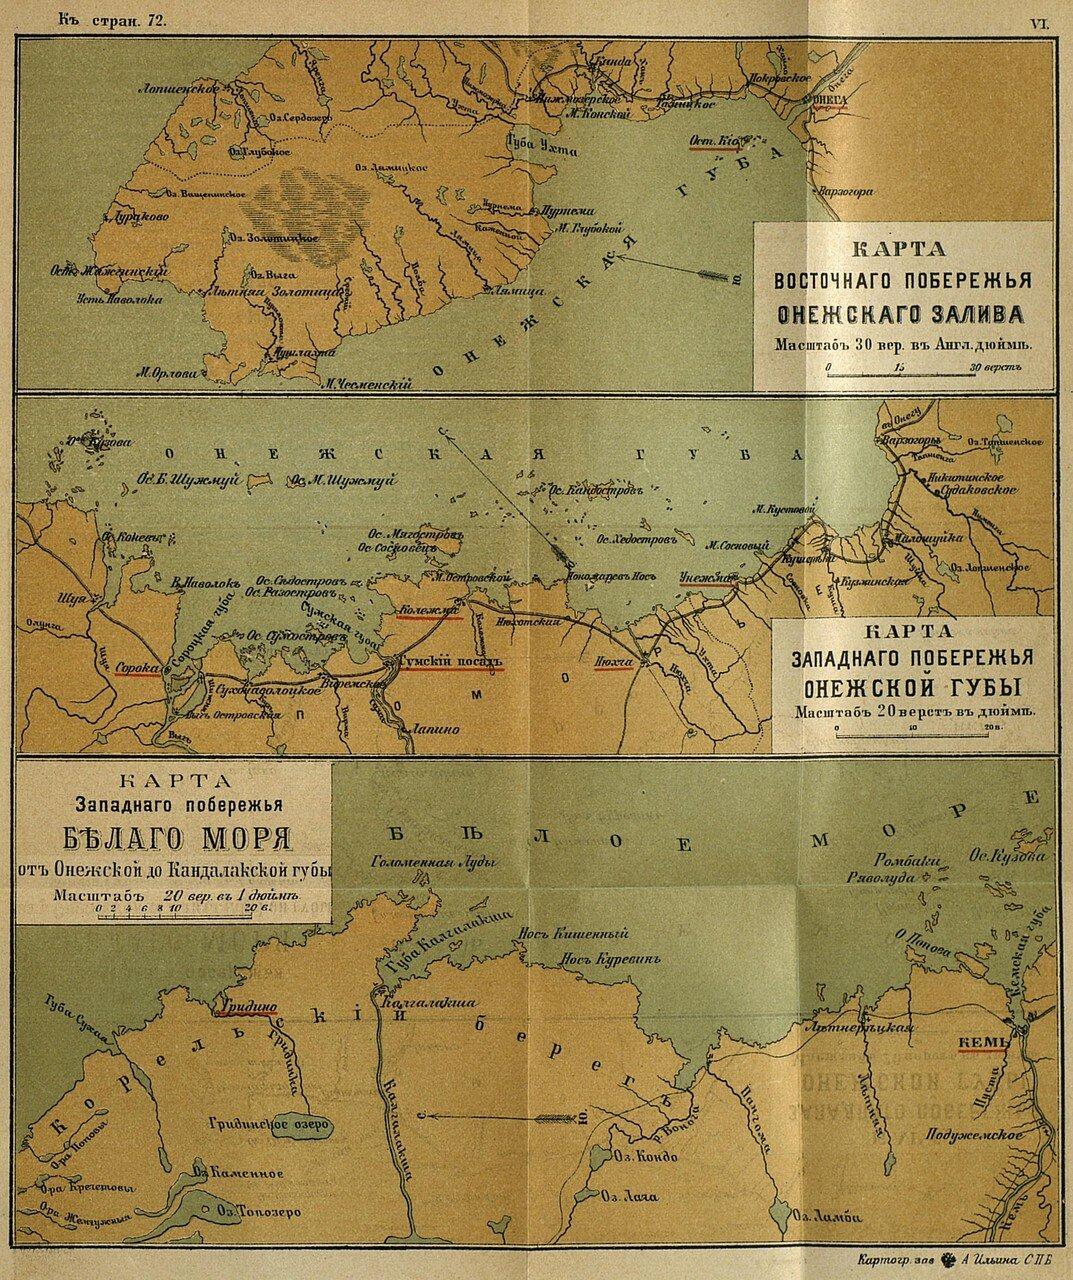 Восточное побережье Онежского залива, Западное побережье Онежской губы и западное побережье Белого моря,1899